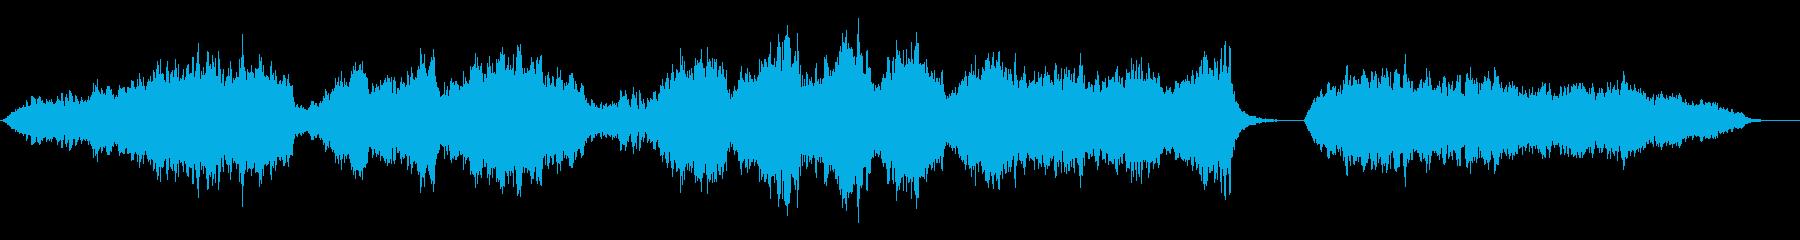 ストリングス(弦楽器)の穏やかなBGMの再生済みの波形